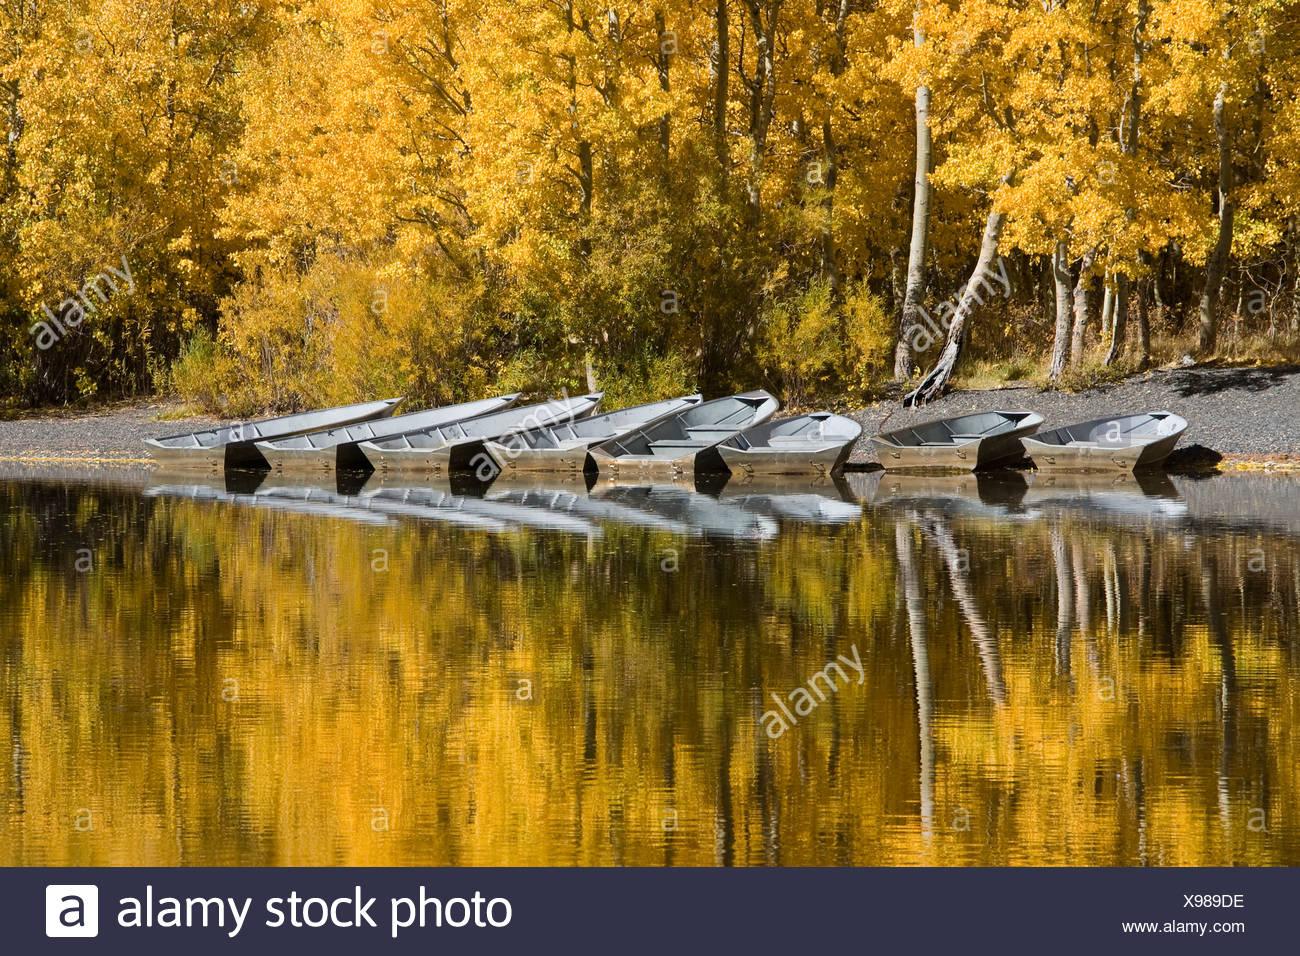 Eine Reihe von Fischerbooten und Herbst Espen Bäumen reflektiert in Silver Lake in der Sierra Mountains, Kalifornien und Umgebung: Stockbild